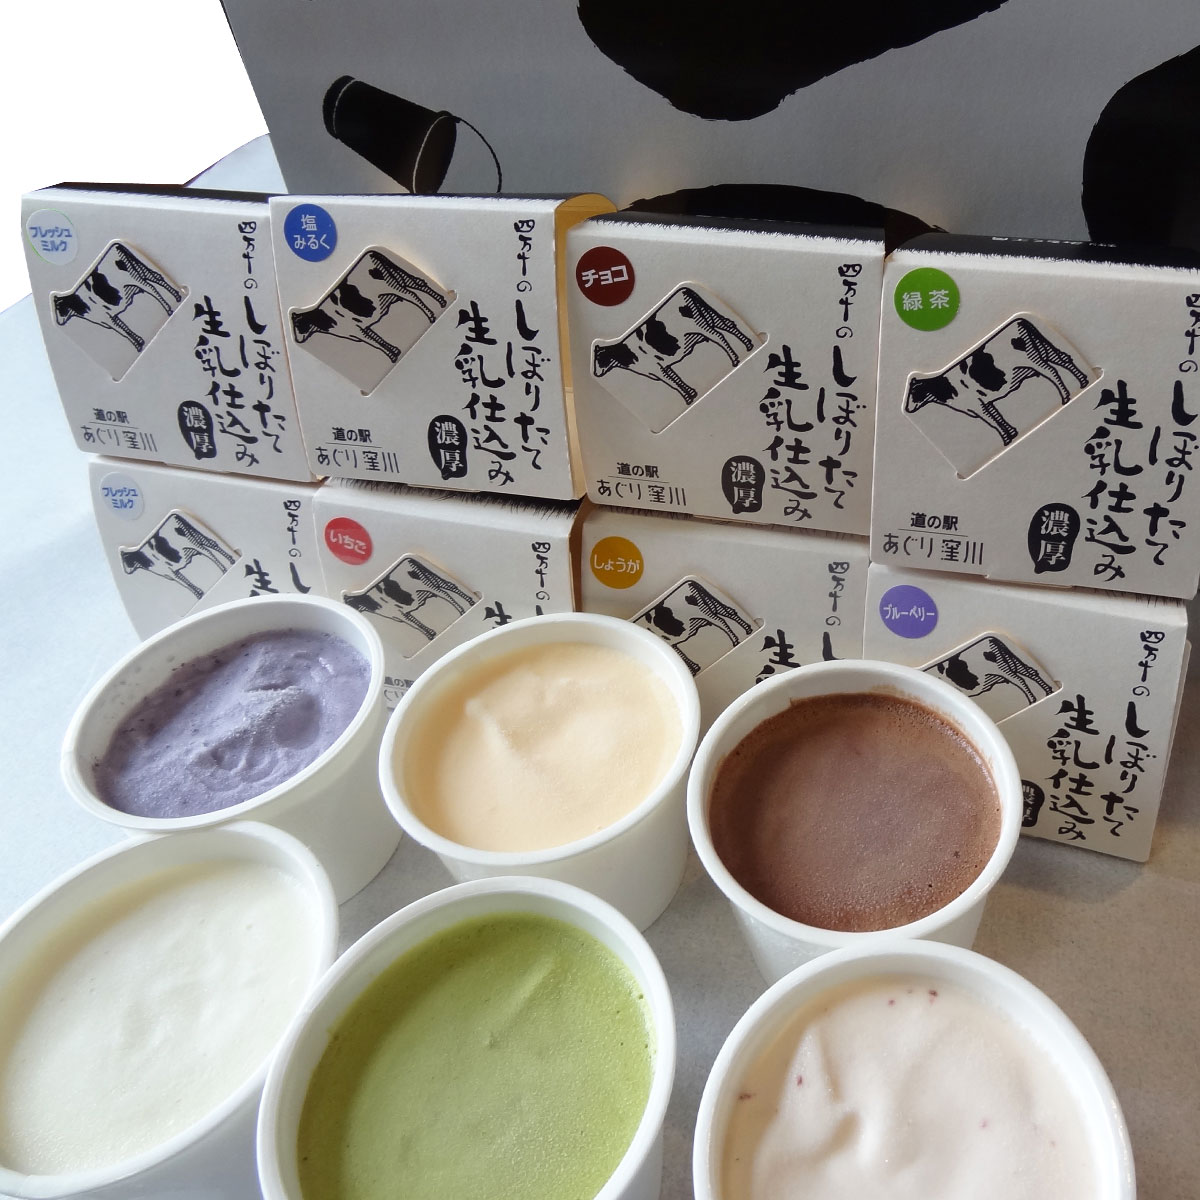 道の駅あぐり窪川 四万十育ちの生乳から手造り アイスクリームセット〔80ml×8個〕